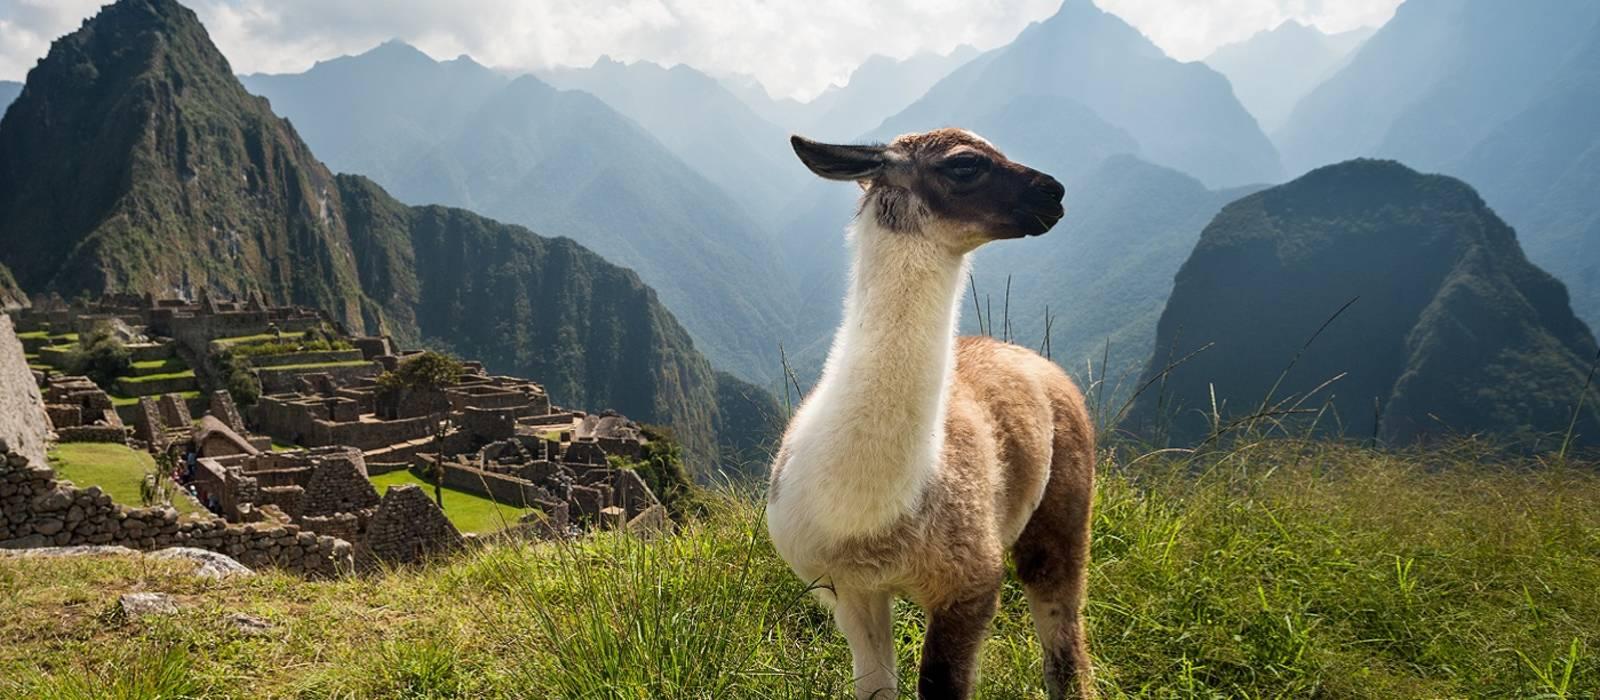 Llama, Ancient City, Machu Picchu, Peru, South America